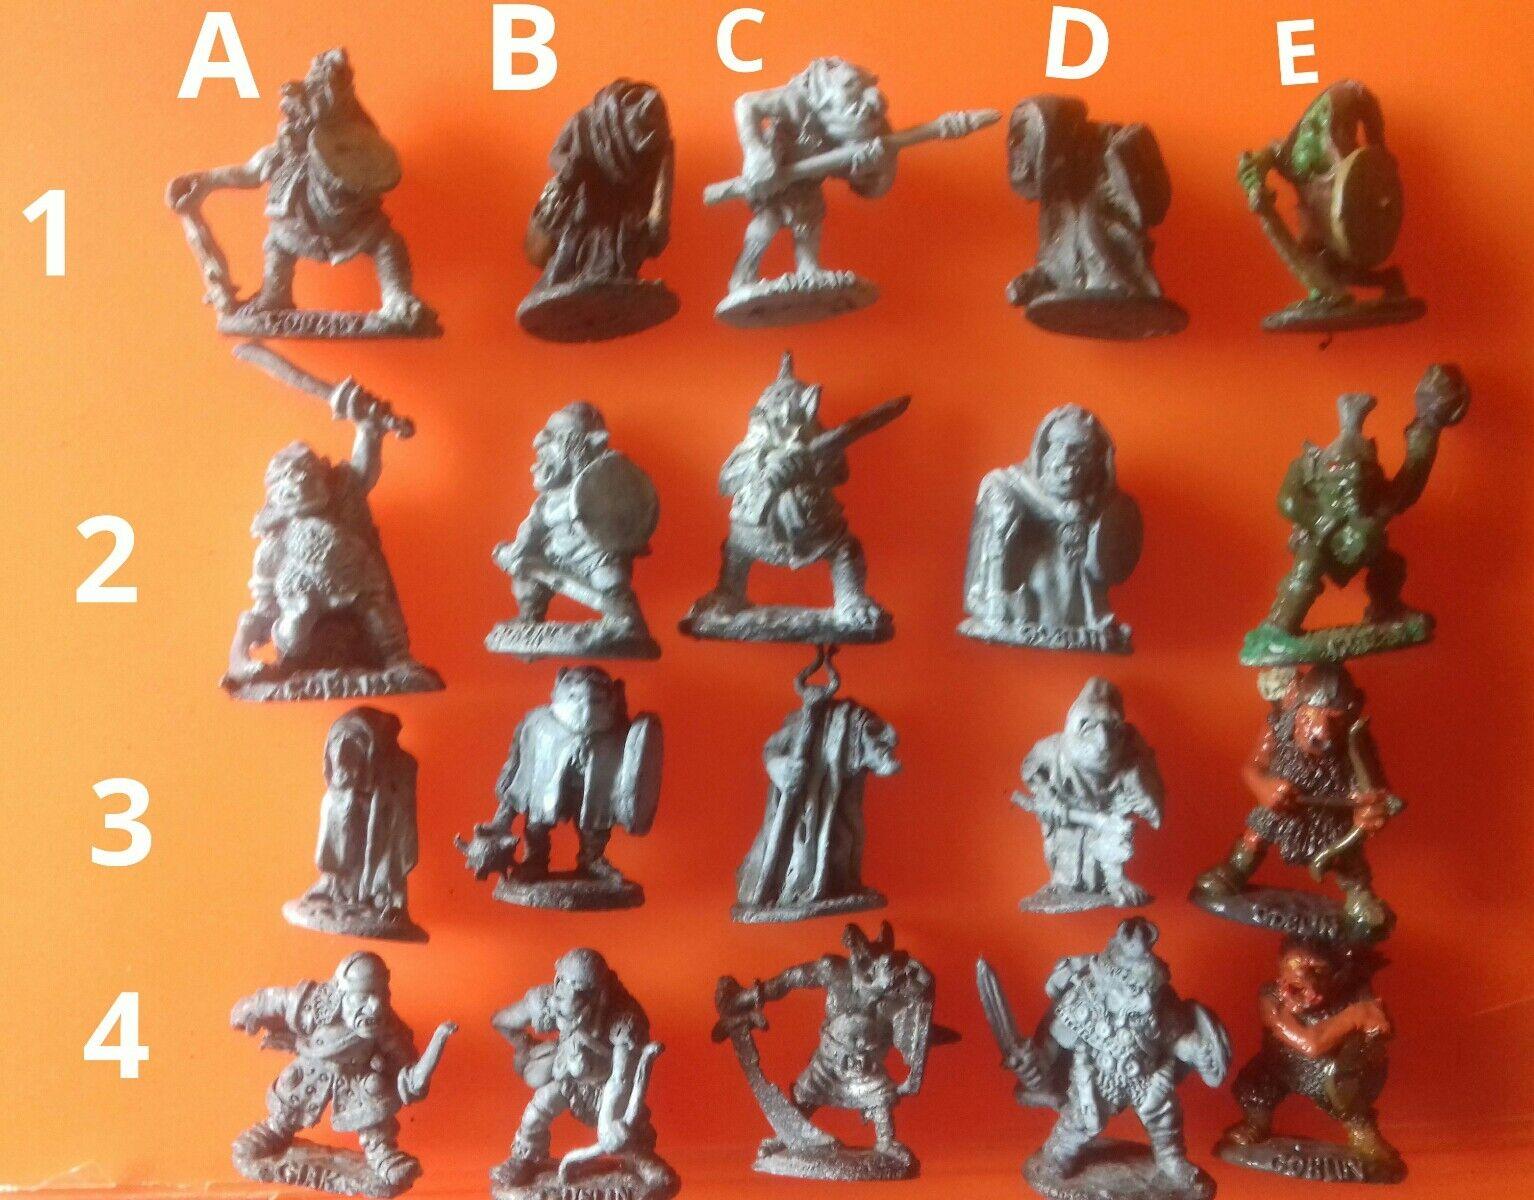 19x C12 great goblin C13 night citadel gw gw gw games workshop goblins pre-slotta 3950ac